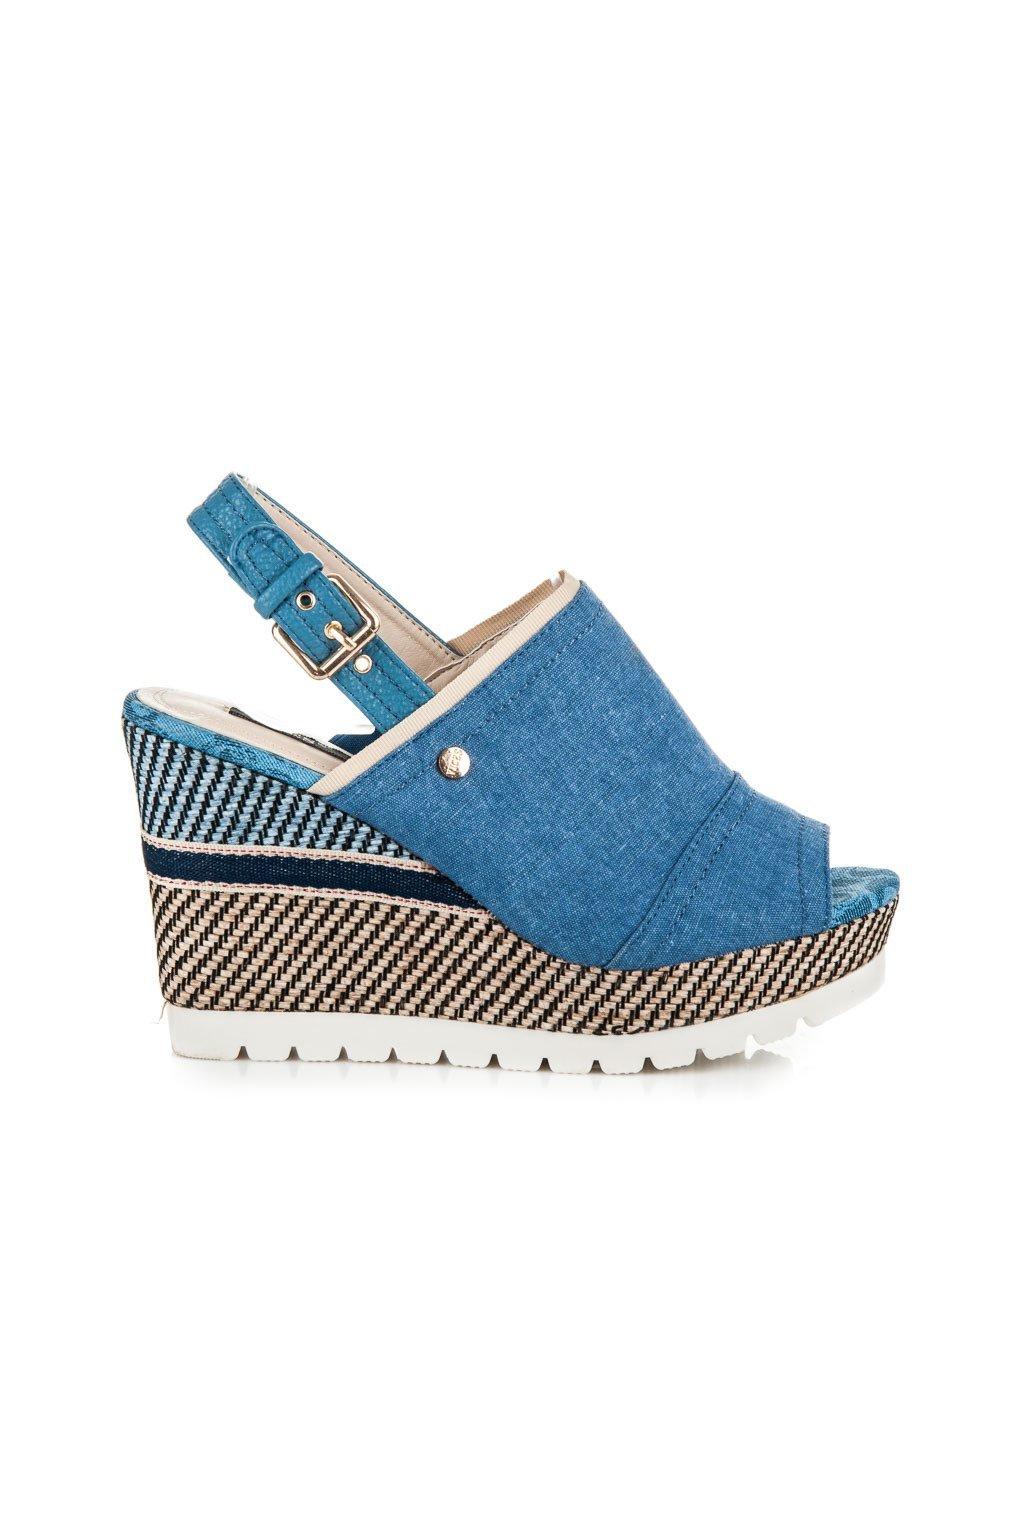 1348844 modre sandale 6104 13d bl